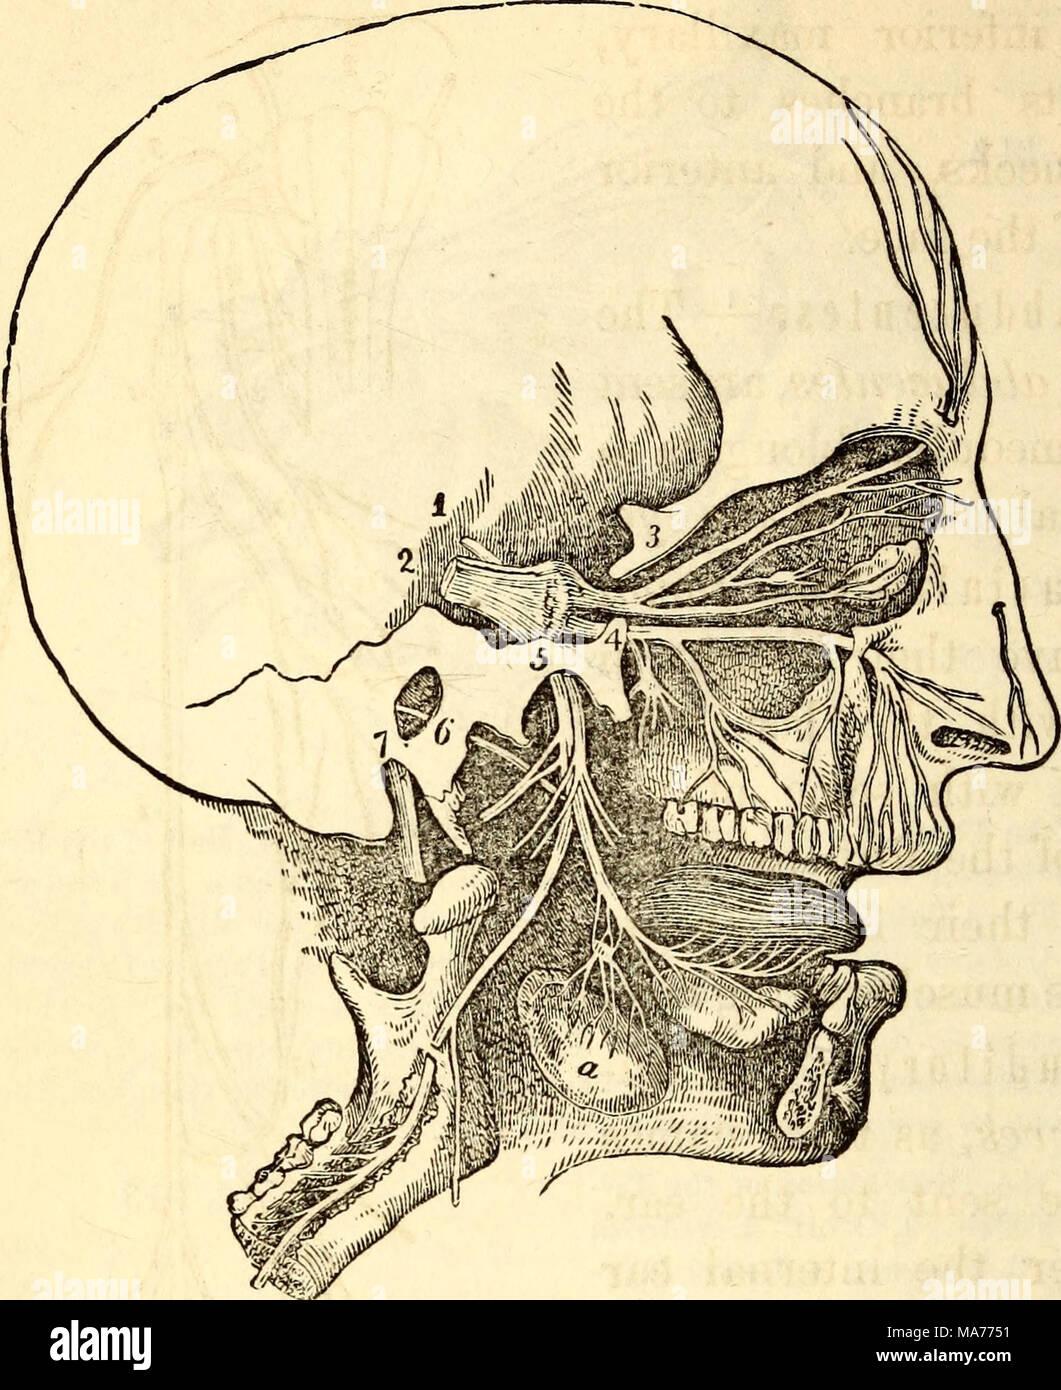 Wunderbar Anatomie Und Physiologie I Fotos - Menschliche Anatomie ...